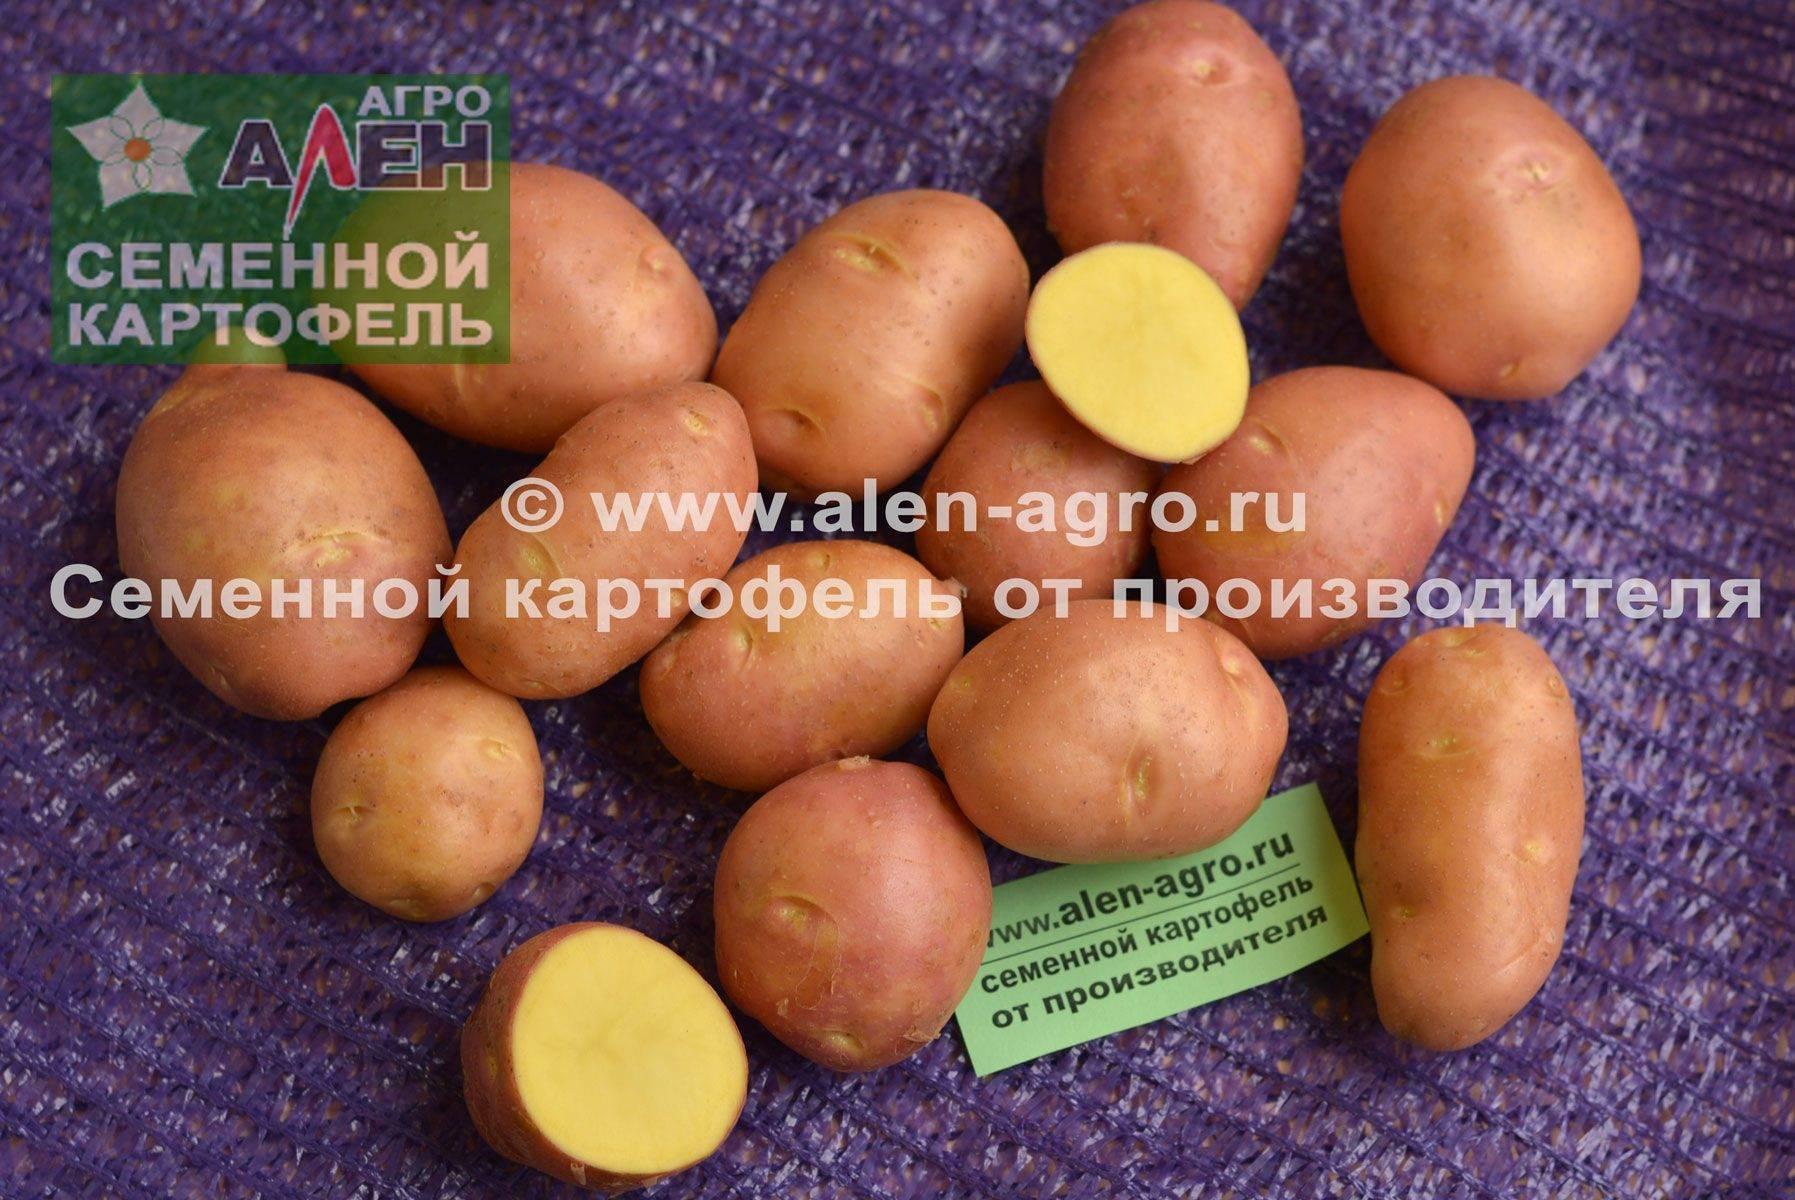 Картофель беллароза —вкусный сорт из германии